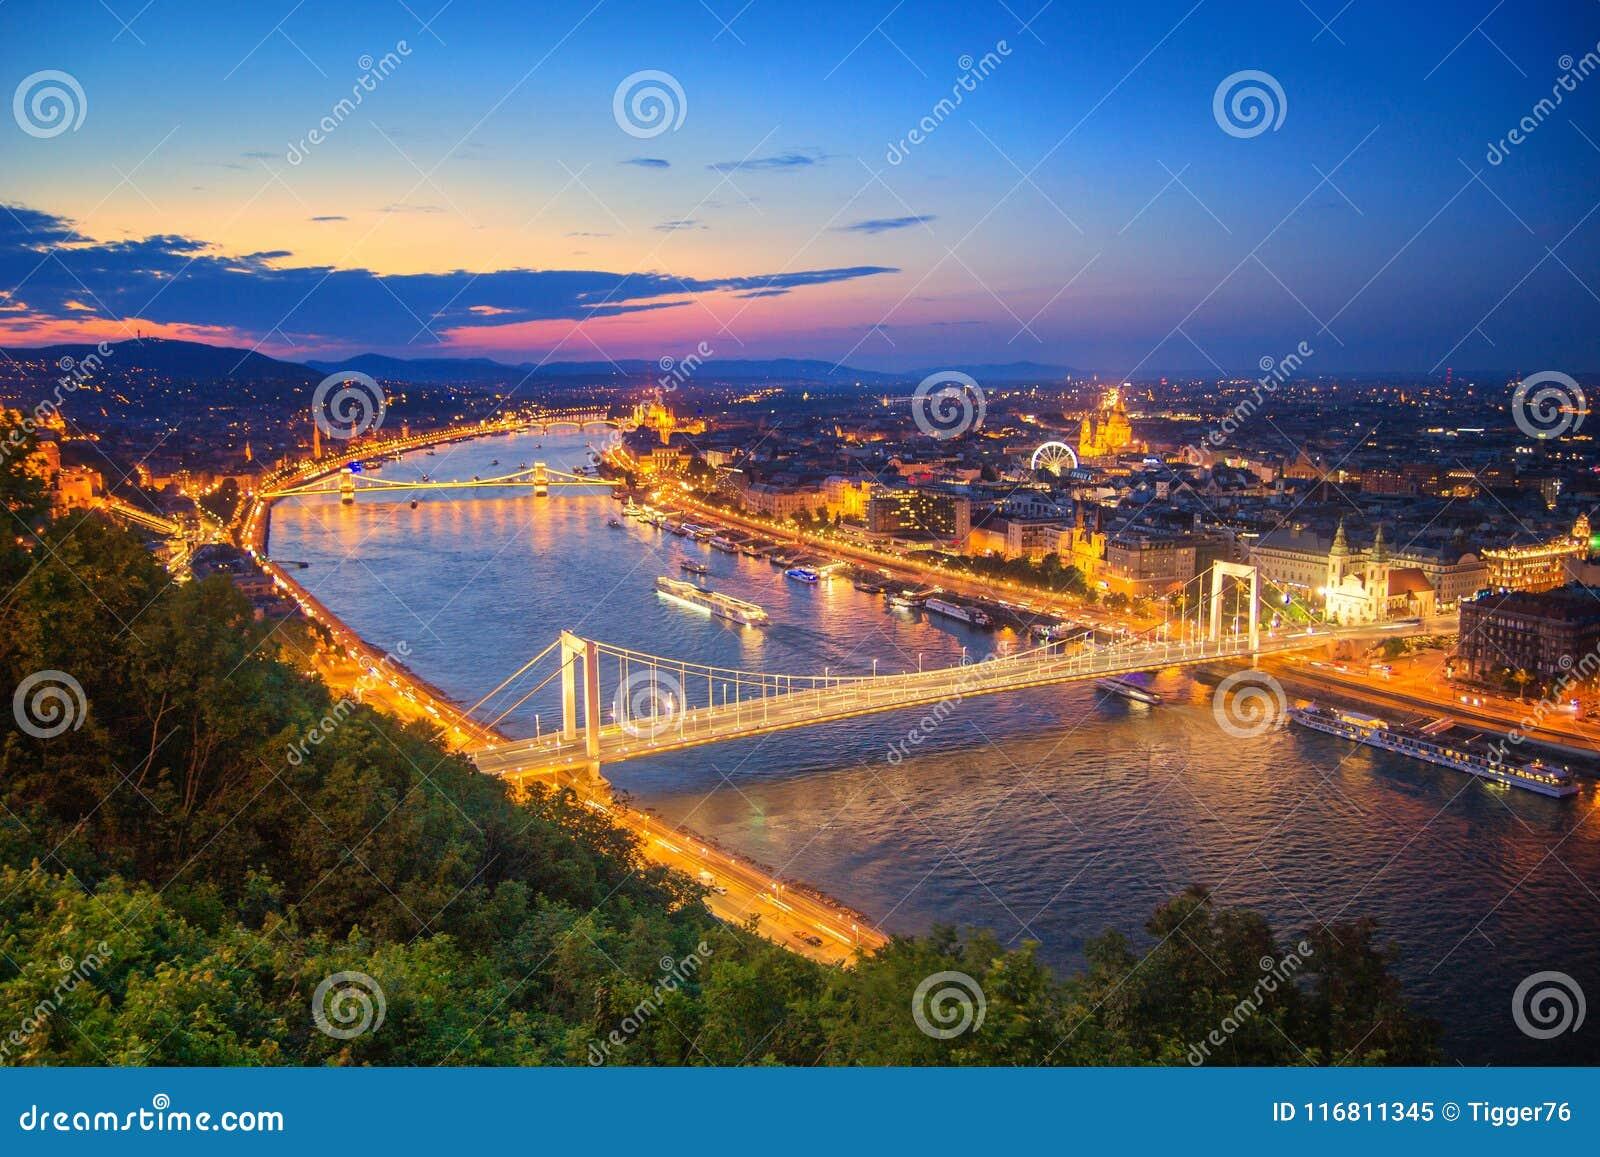 Paesaggio urbano di Budapest al crepuscolo